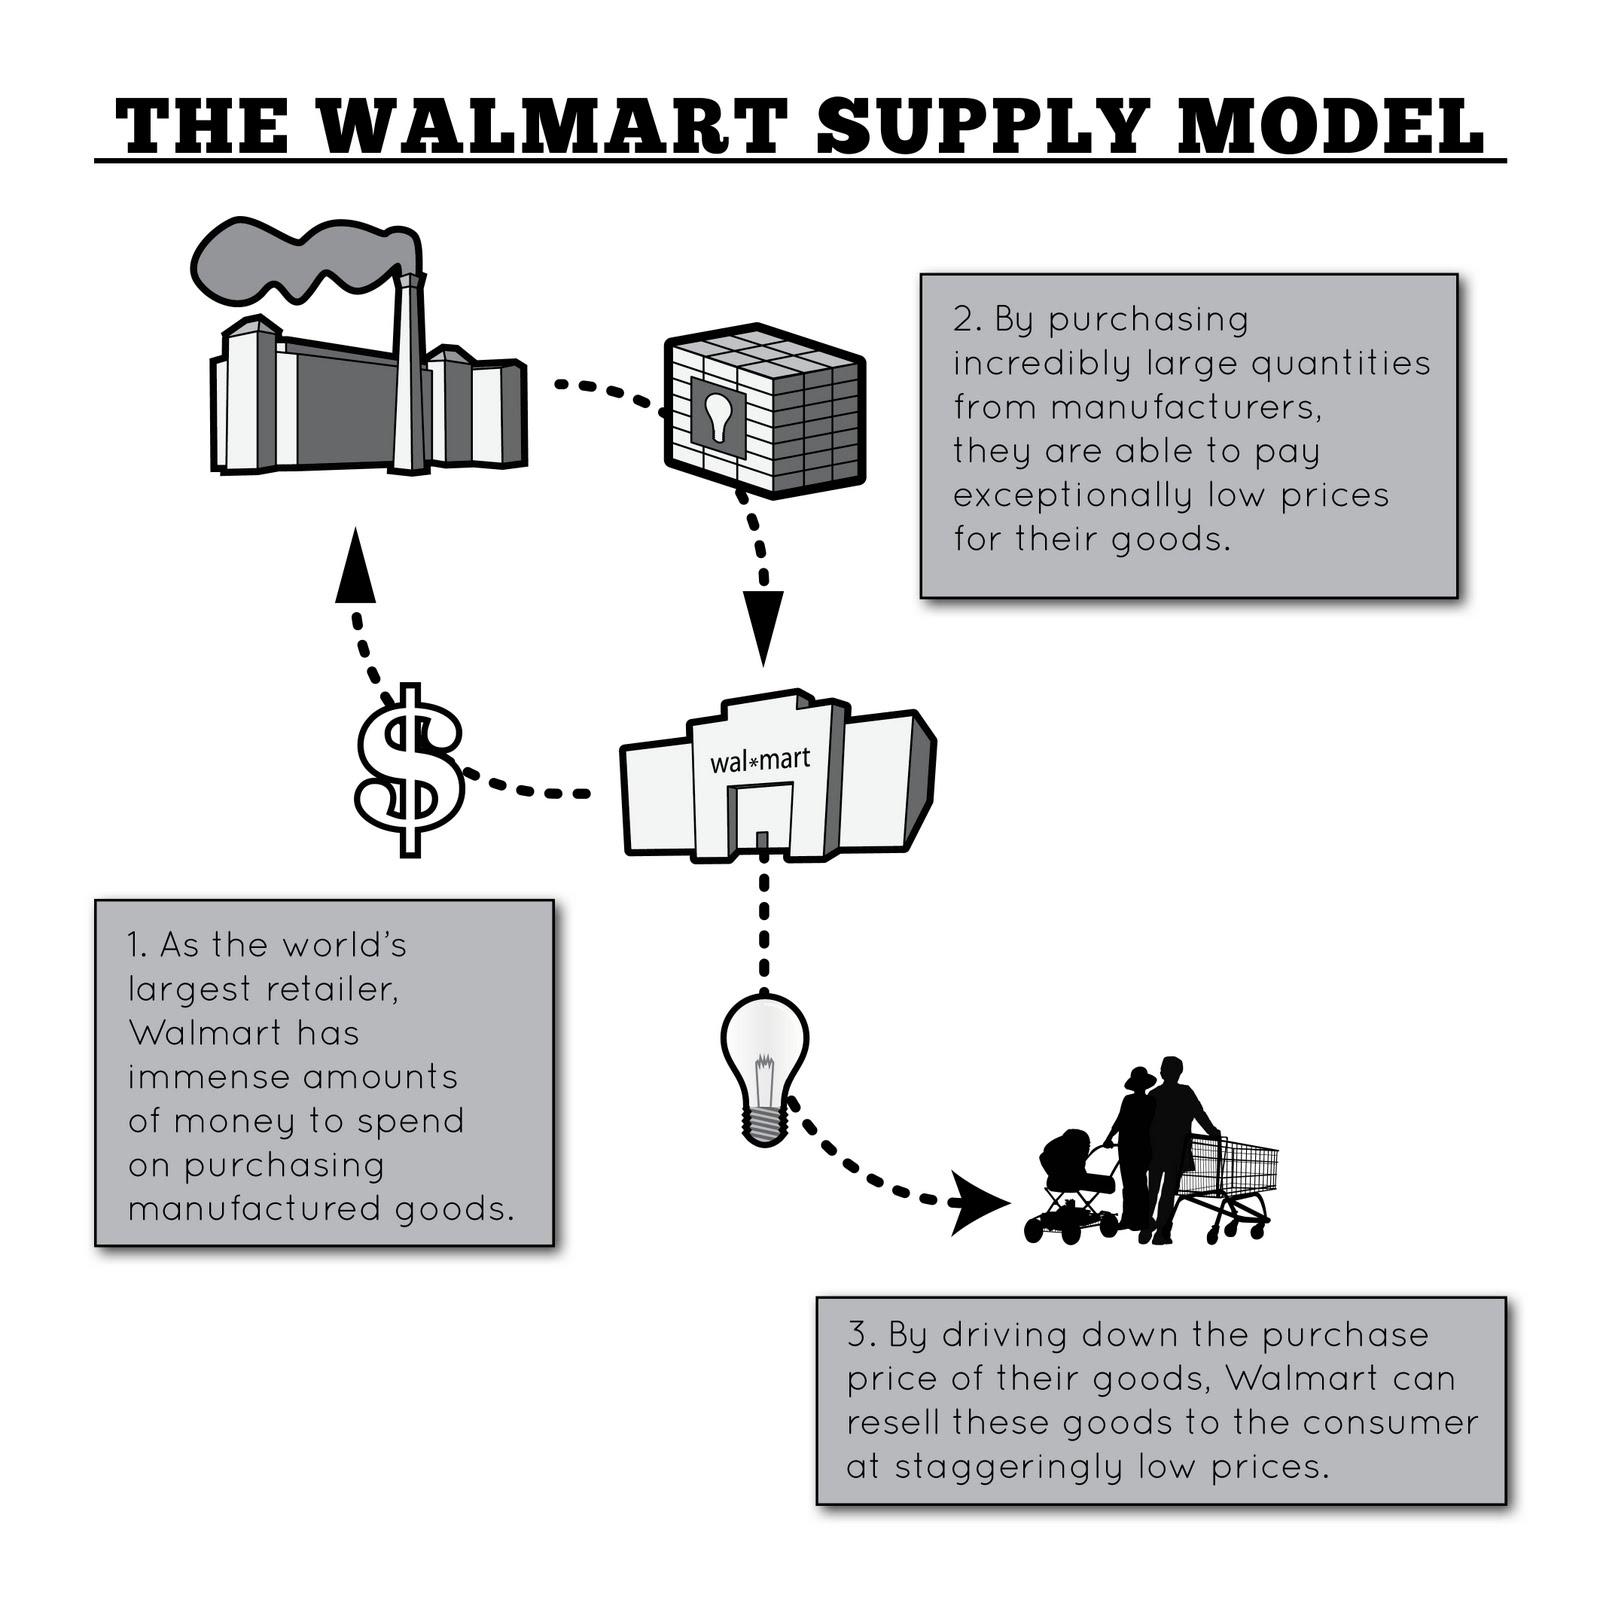 case study zara s vertical supply chain 91 121 113 106 case study zara s vertical supply chain